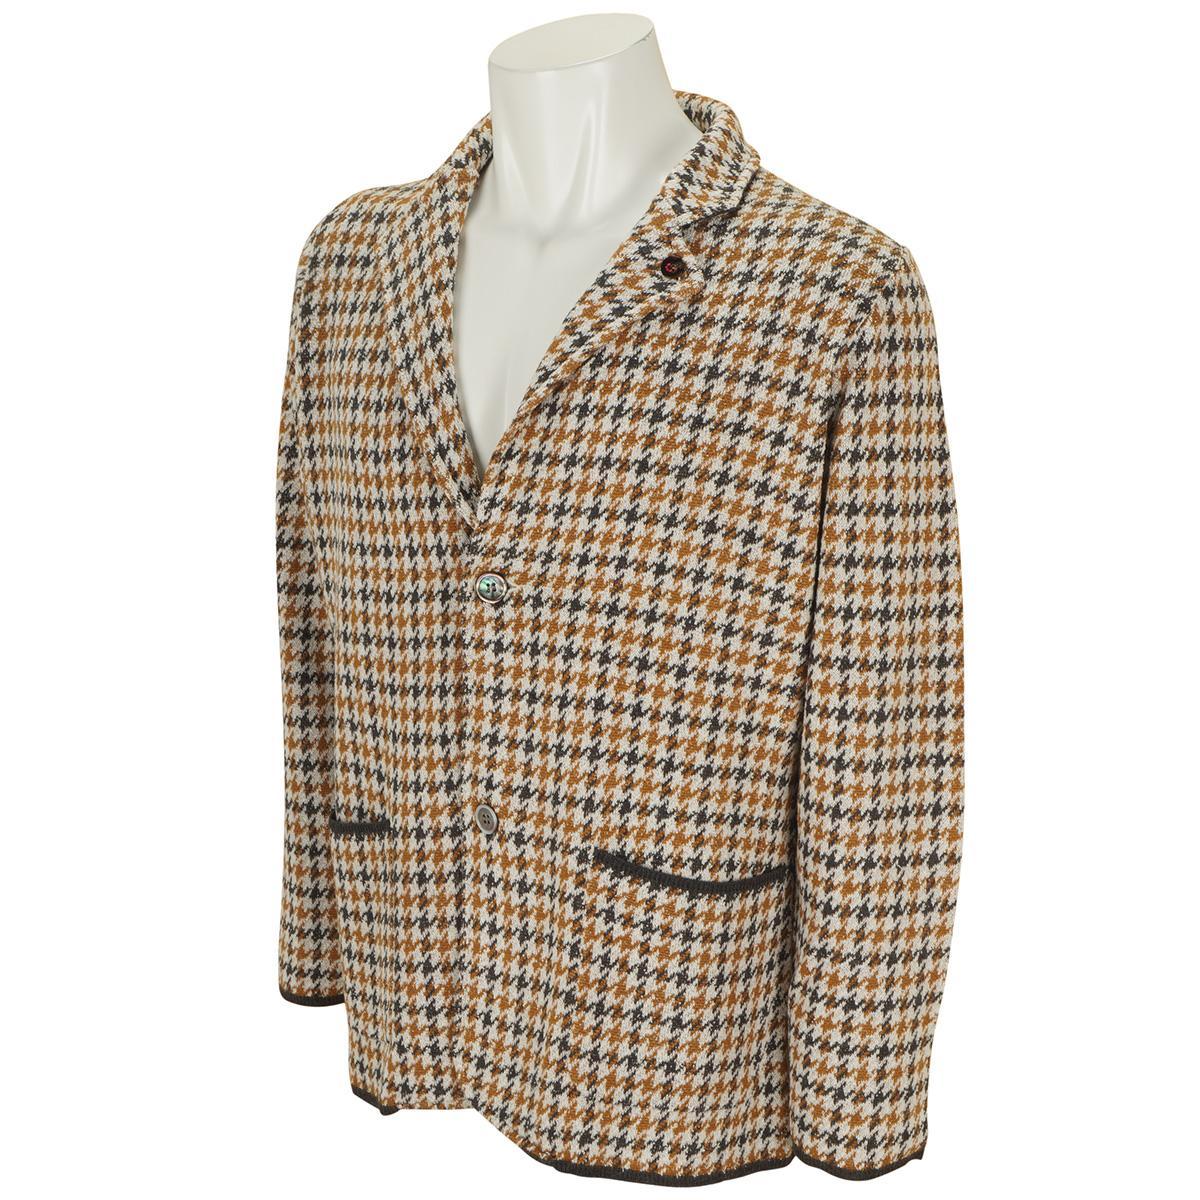 お気に入 13時までであす楽対応 送料無料限定セール中 送料無料 JWO ニットジャケット ジェイダブルオー ブリティッシュジャカード